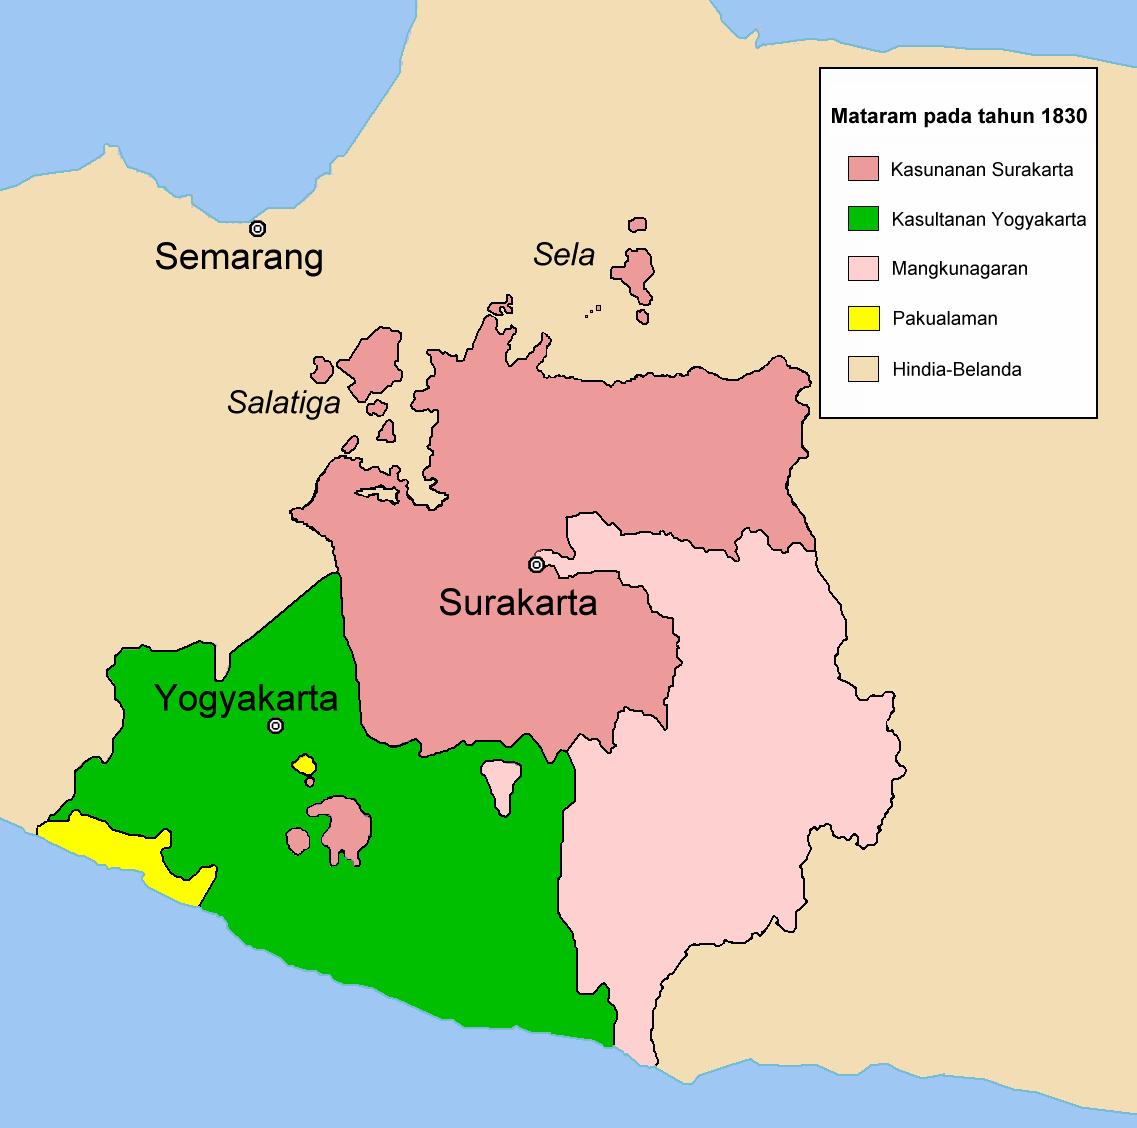 Sejarah Lengkap Kerajaan Mataram Islam (Kesultanan Mataram) - MARKIJAR.Com